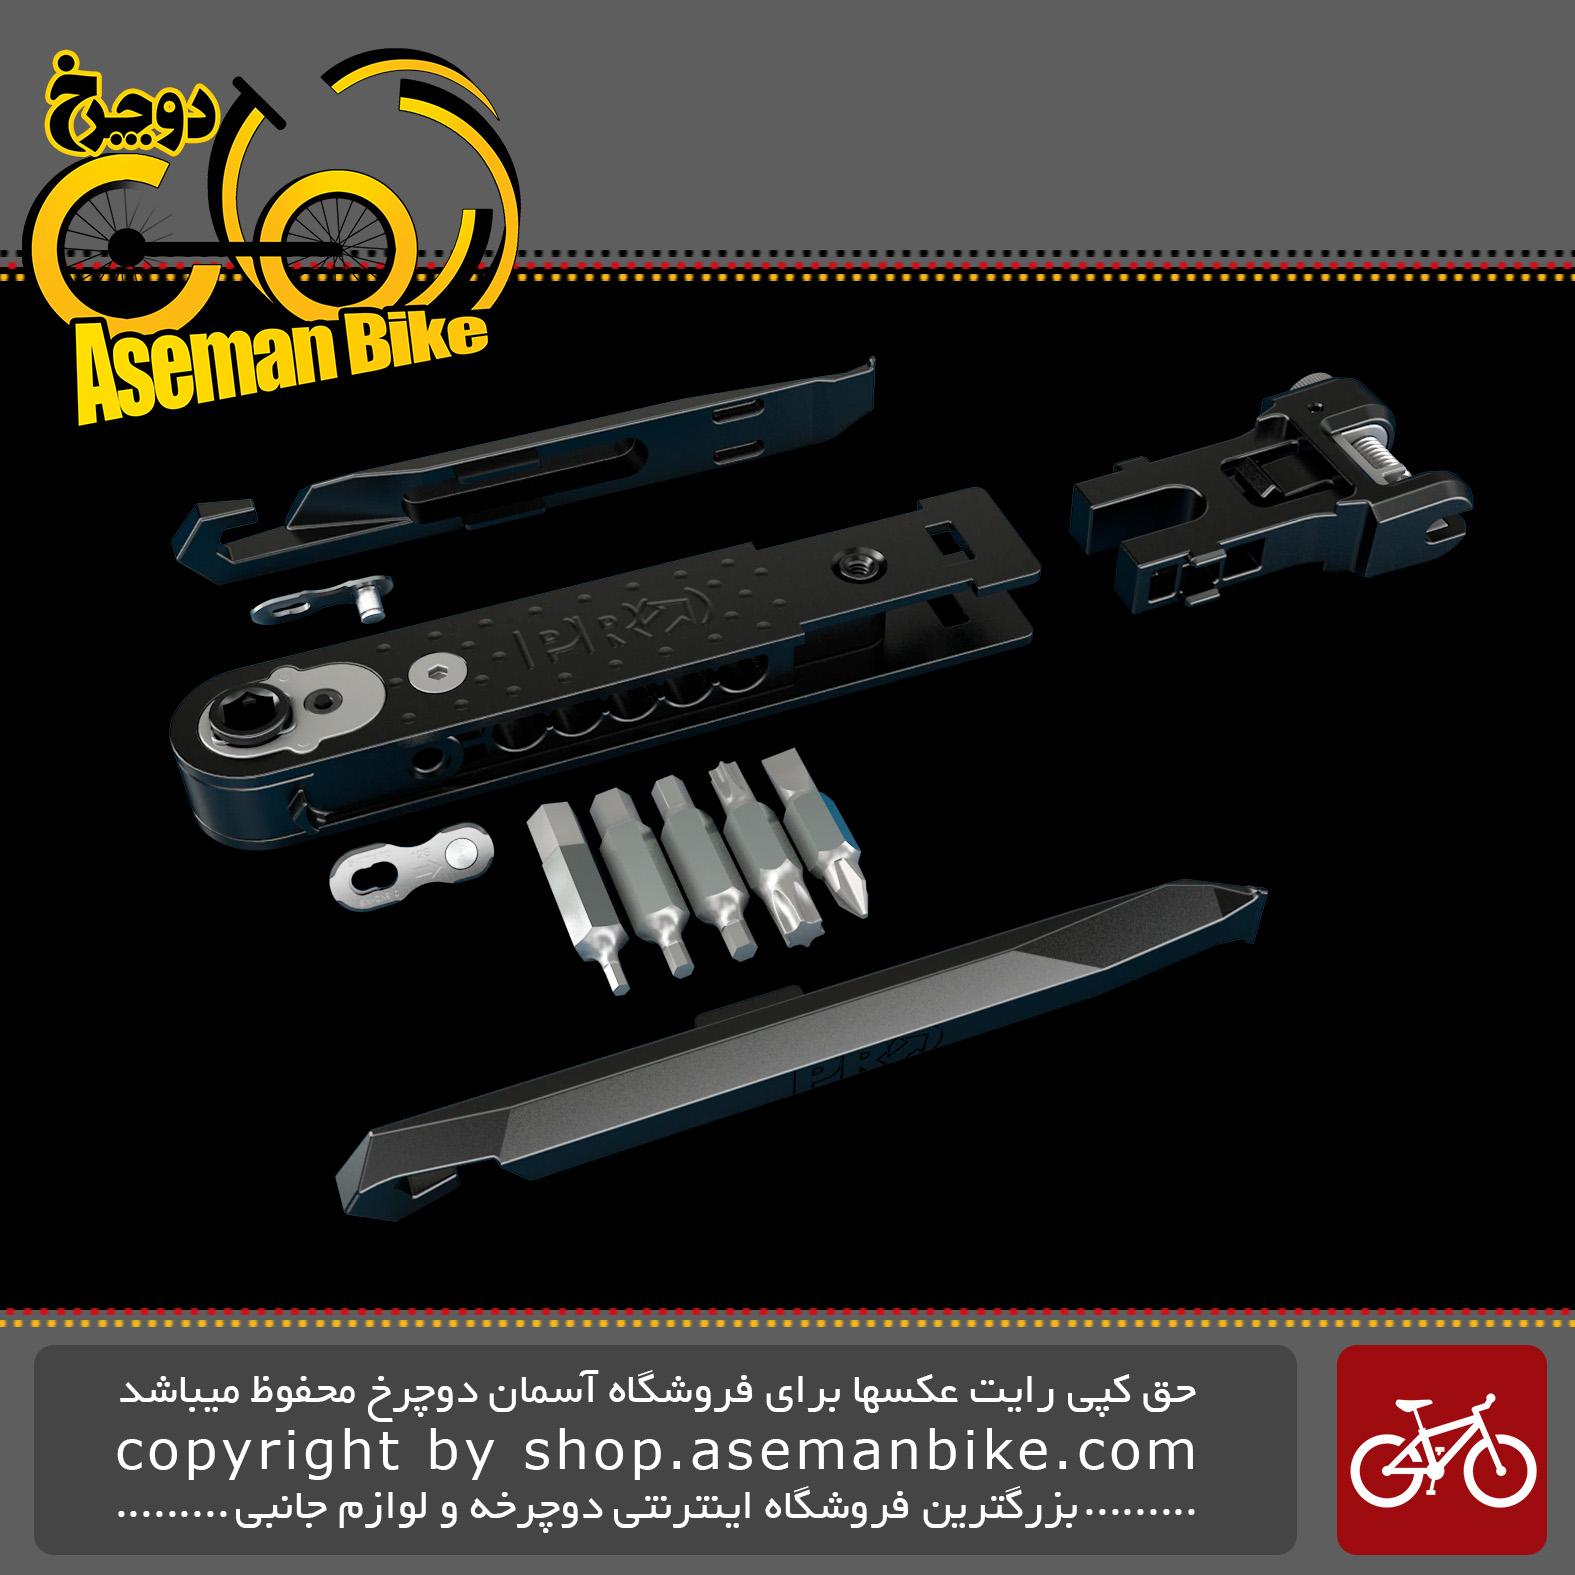 ست دسته ابزار مینی مخصوص دوچرخه پرو 13 کاره مدل 0099 PRO Integrated Mini Tool PRTL0099